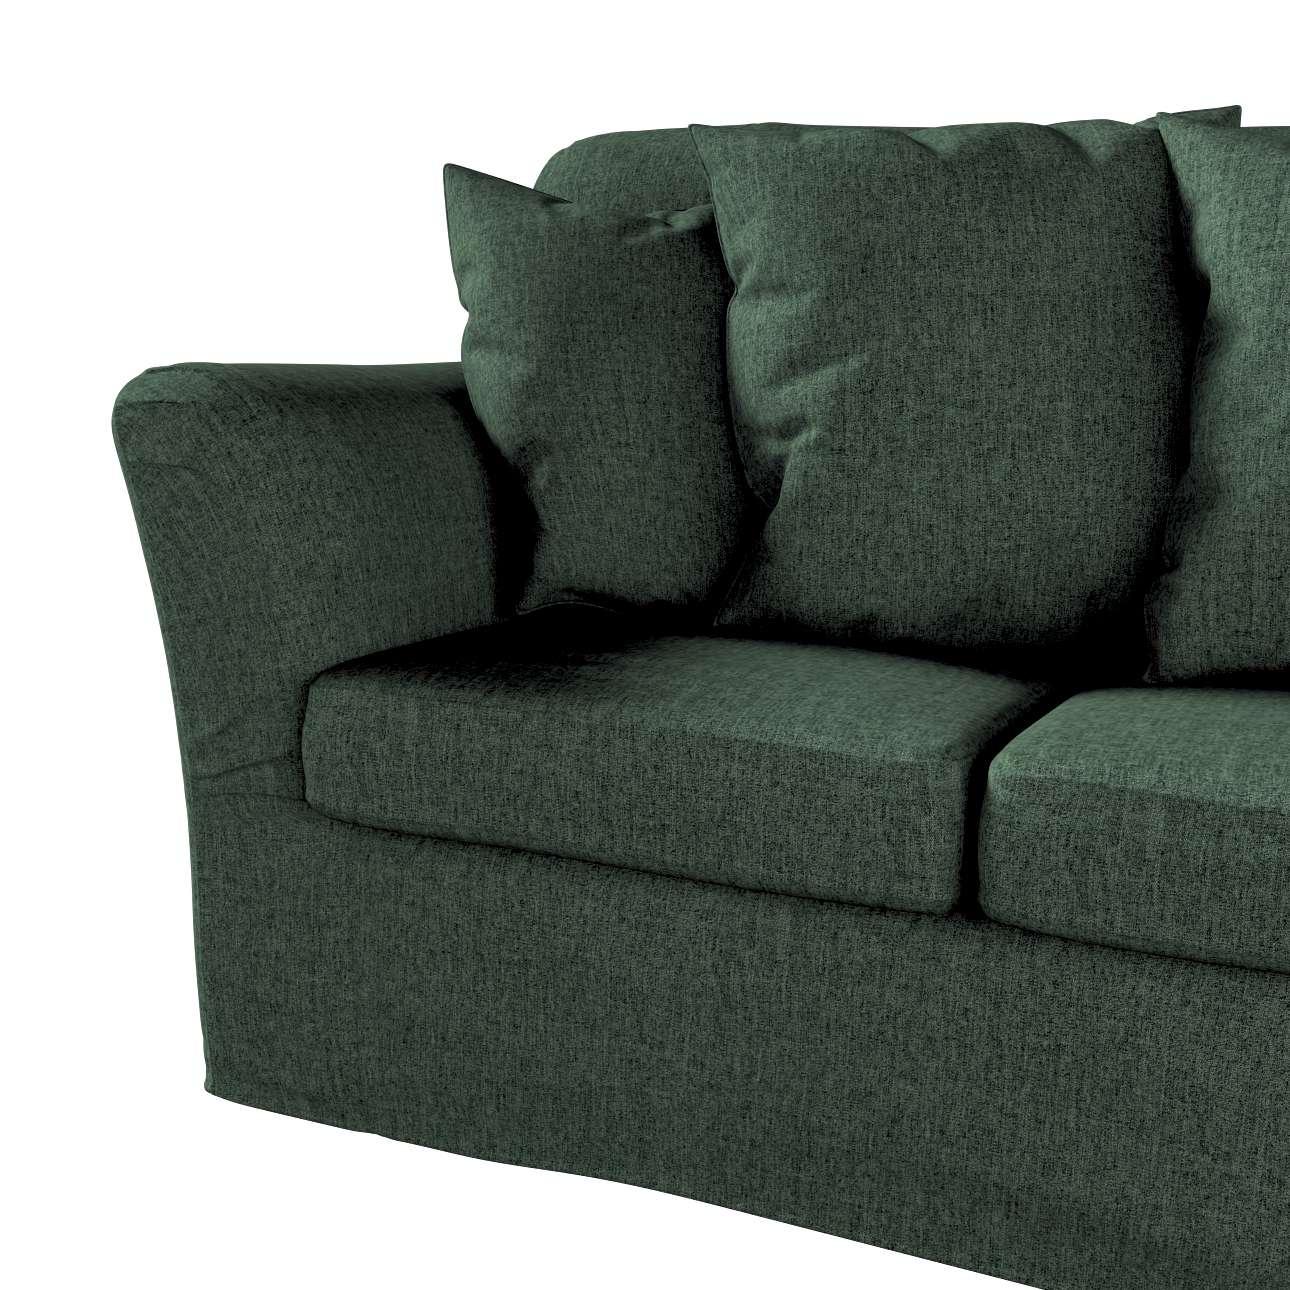 Pokrowiec na sofę Tomelilla 3-osobową nierozkładaną w kolekcji City, tkanina: 704-81